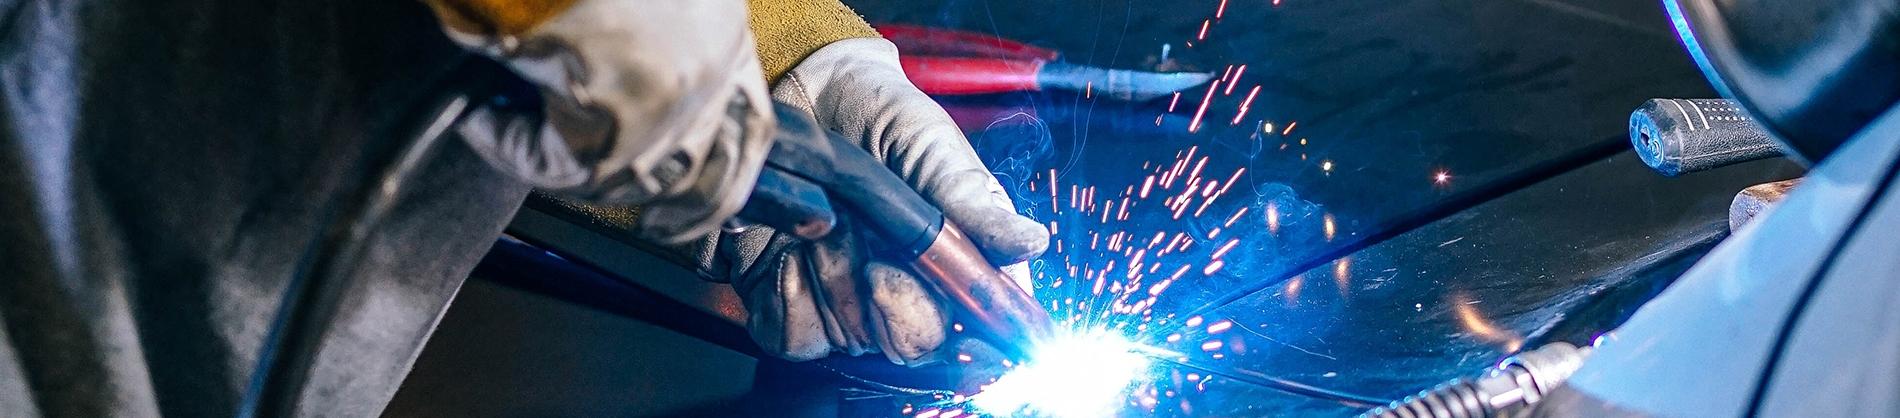 A car mechanic using a power tool on a car